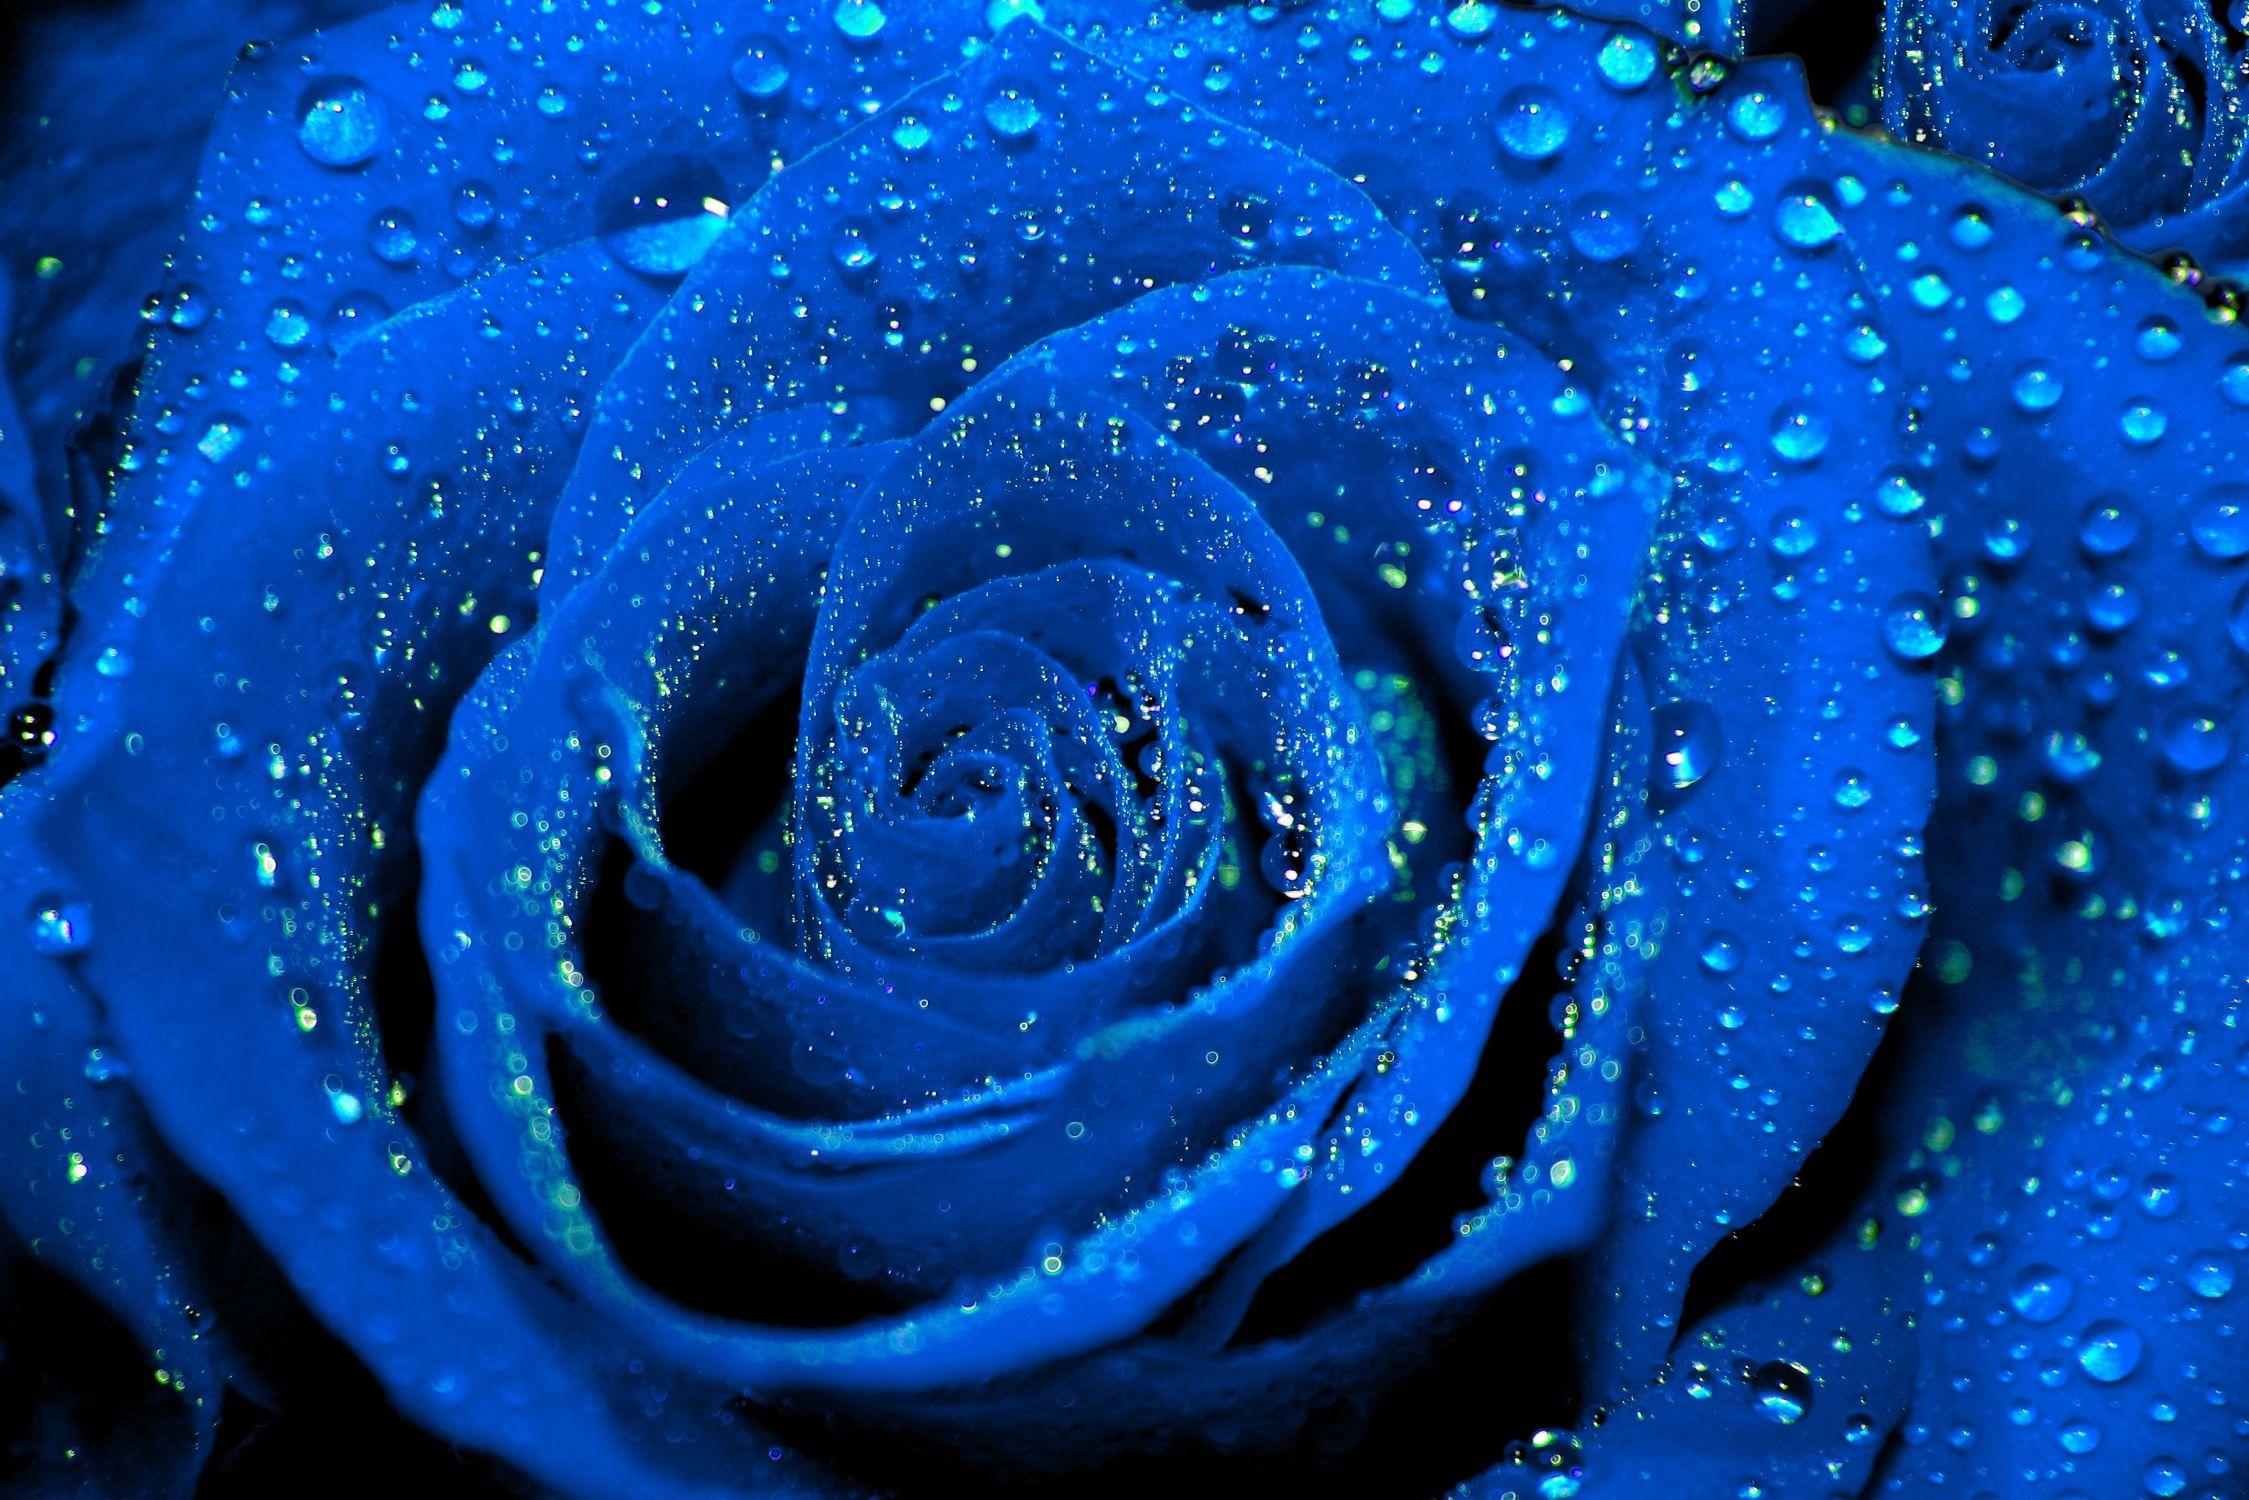 Bild mit Farben, Natur, Elemente, Wasser, Pflanzen, Blumen, Blumen, Rosa, Rosen, Makrofotografie, Blume, Pflanze, Rose, Roses, Makro, Makro Rose, Rosenblüte, Flower, Flowers, osaceae, blaue Rose, blaue Rosen, Blue Rose, blue, Wassertropfen, Regentropfen, Wassertropfen auf Rosenblätter, Raining Drops on Rose